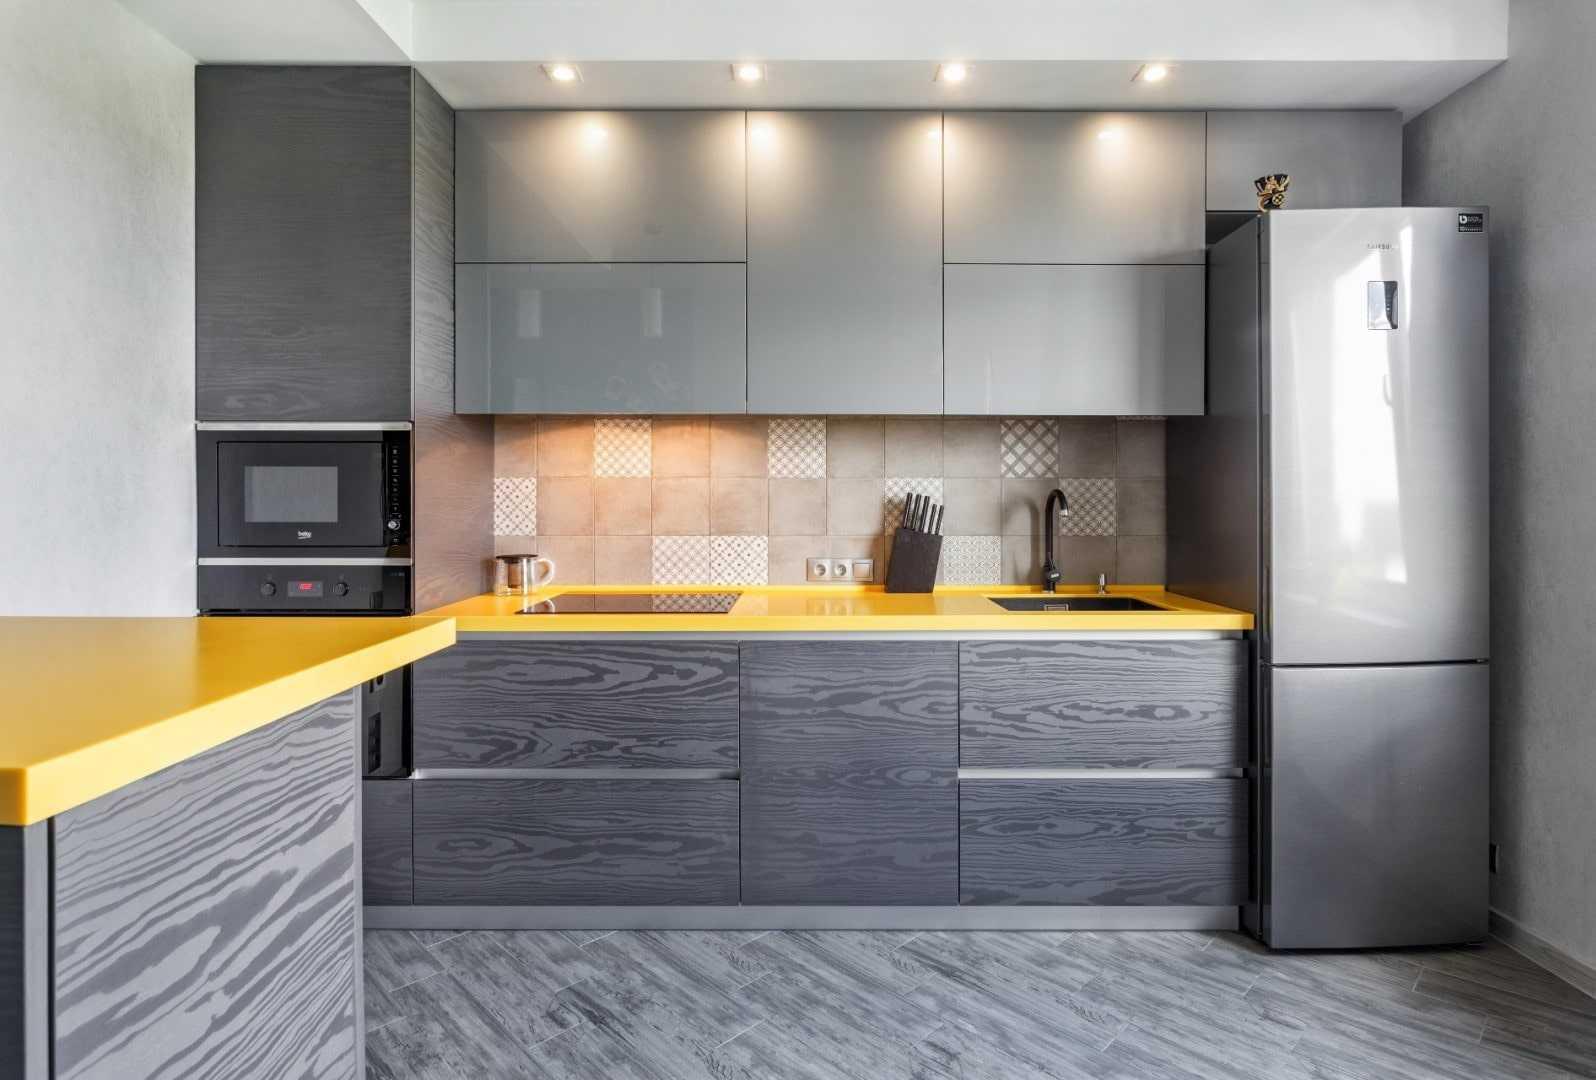 Серая кухня в интерьере - оттенки и цвета в дизайне +60 фото